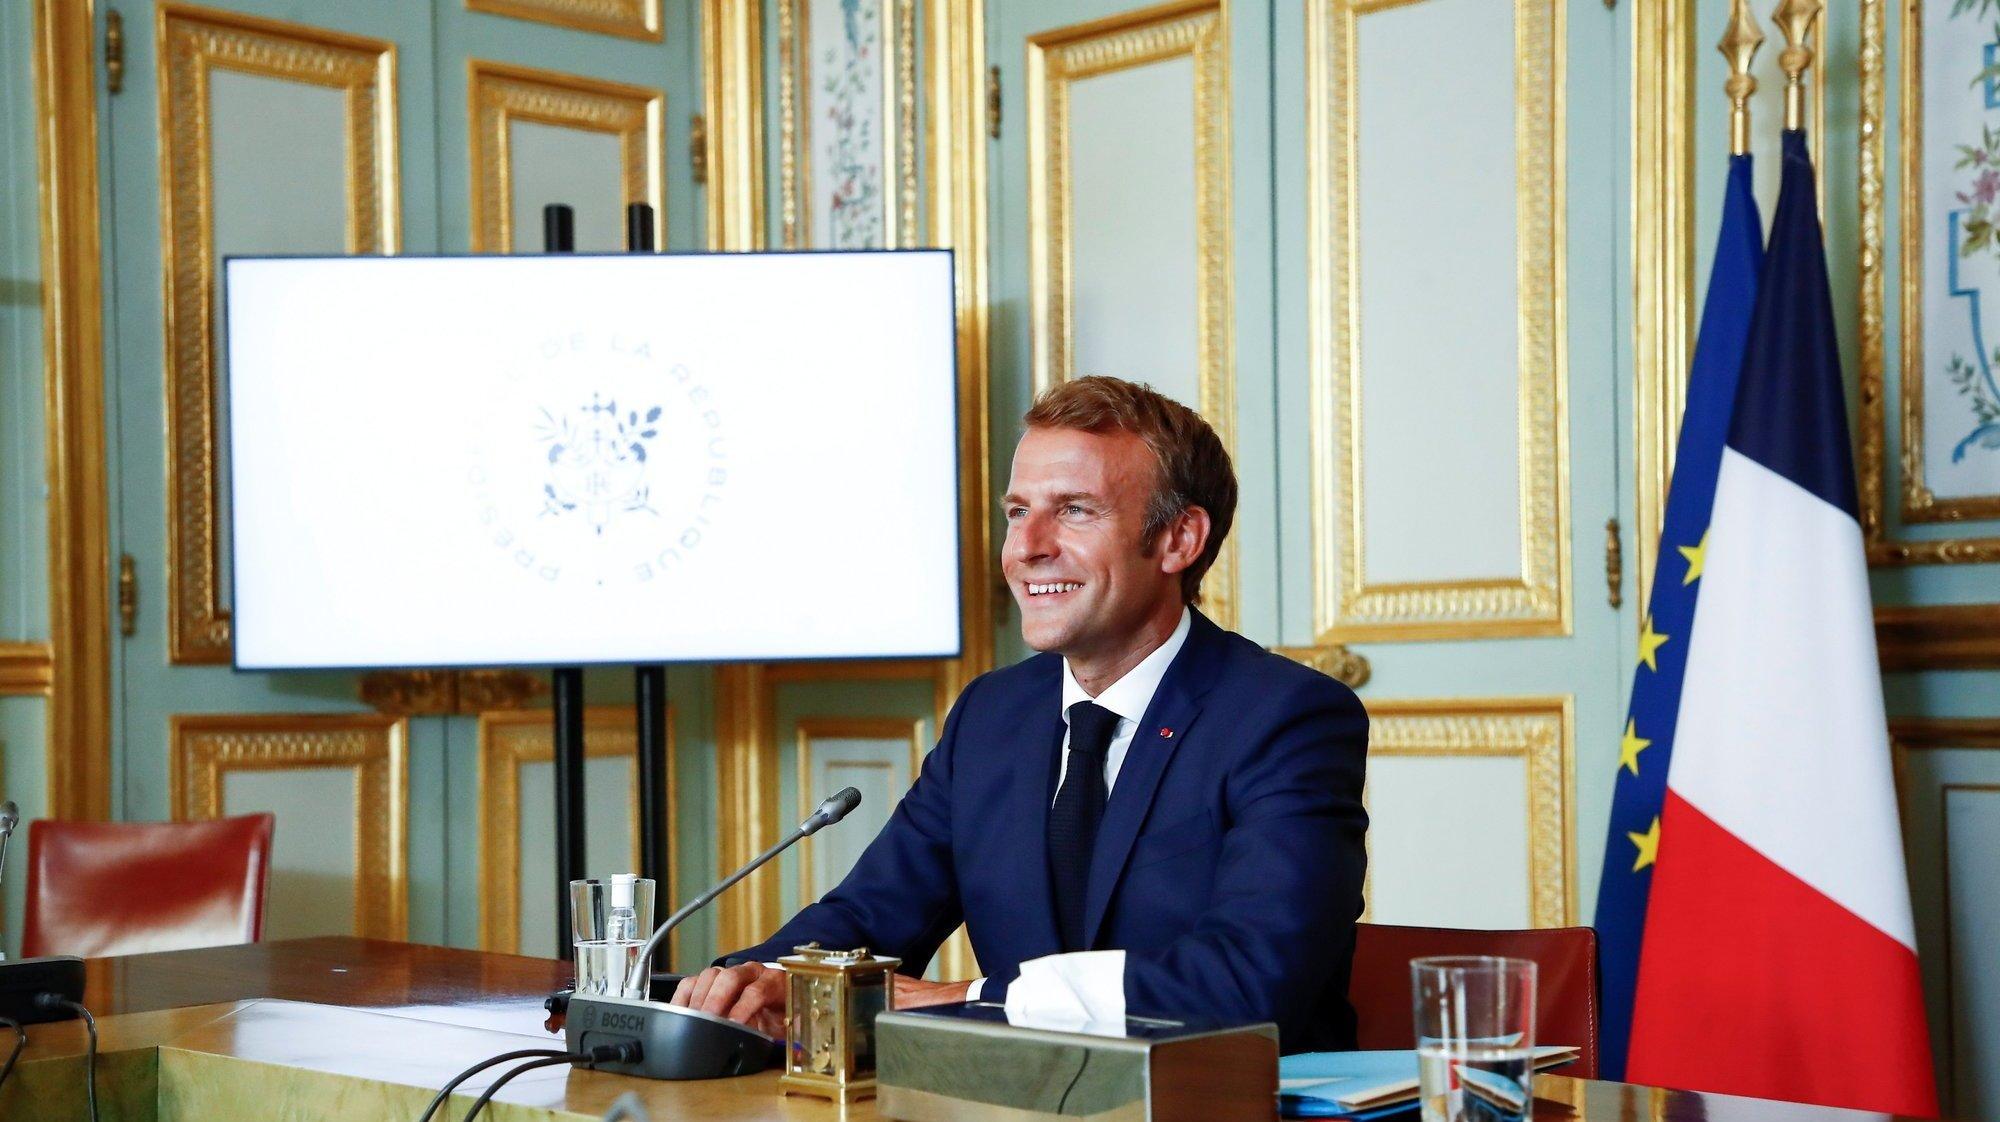 France: rentrée avec la présidentielle en ligne de mire